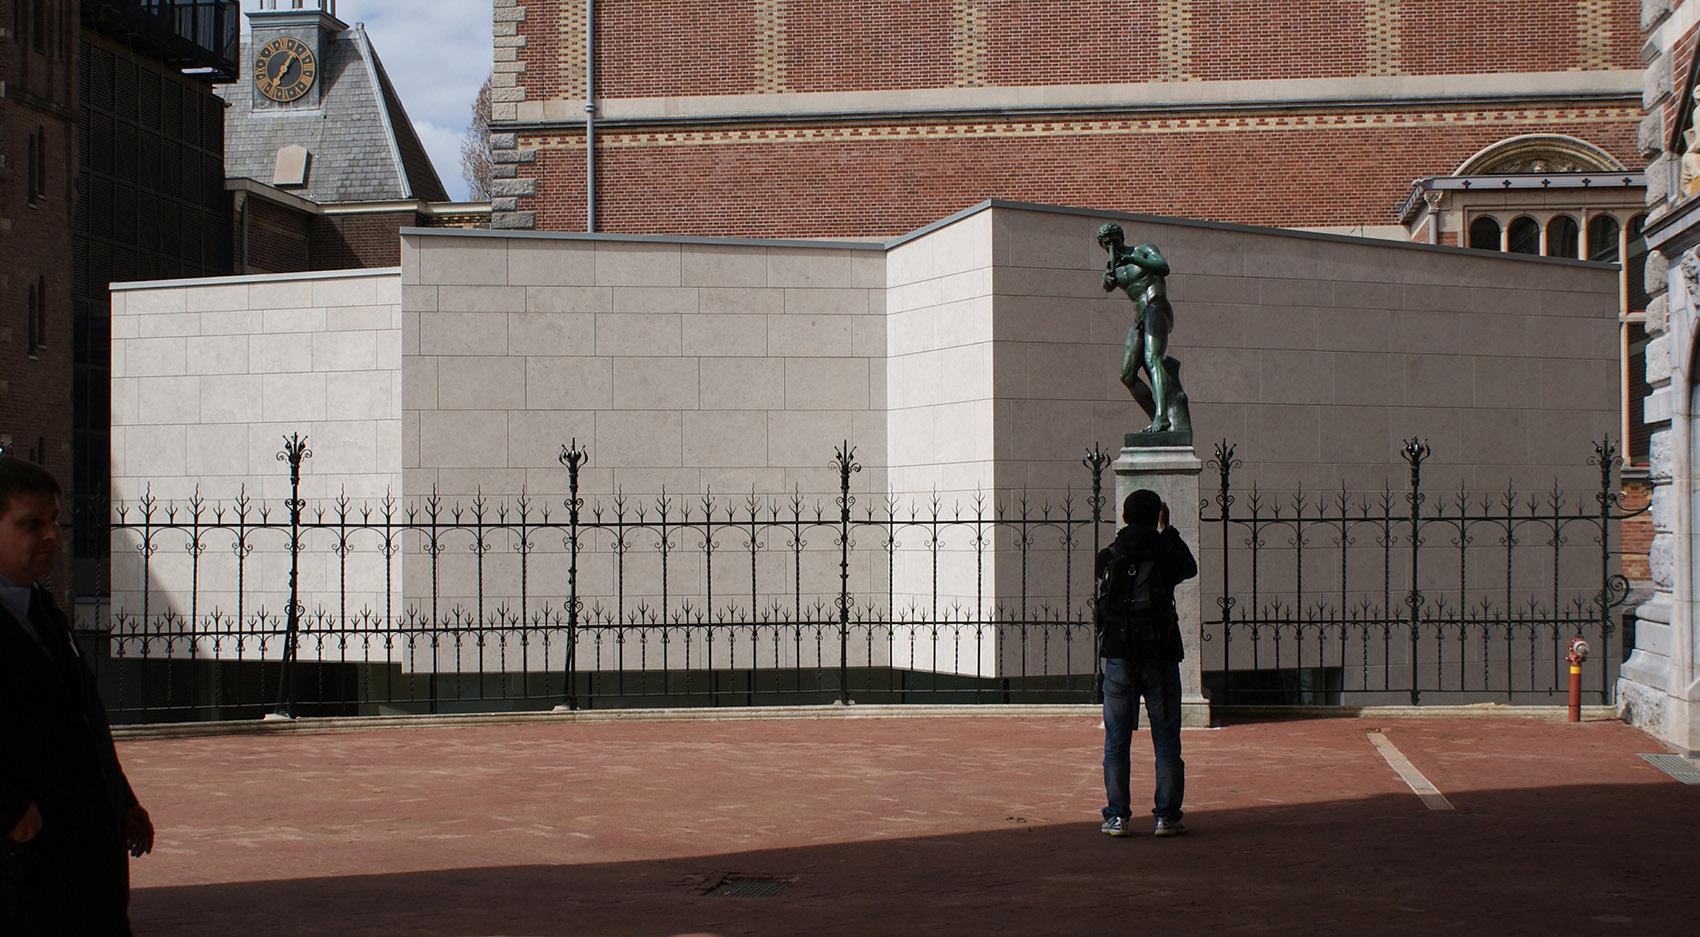 荷兰国家博物馆亚洲展馆-3